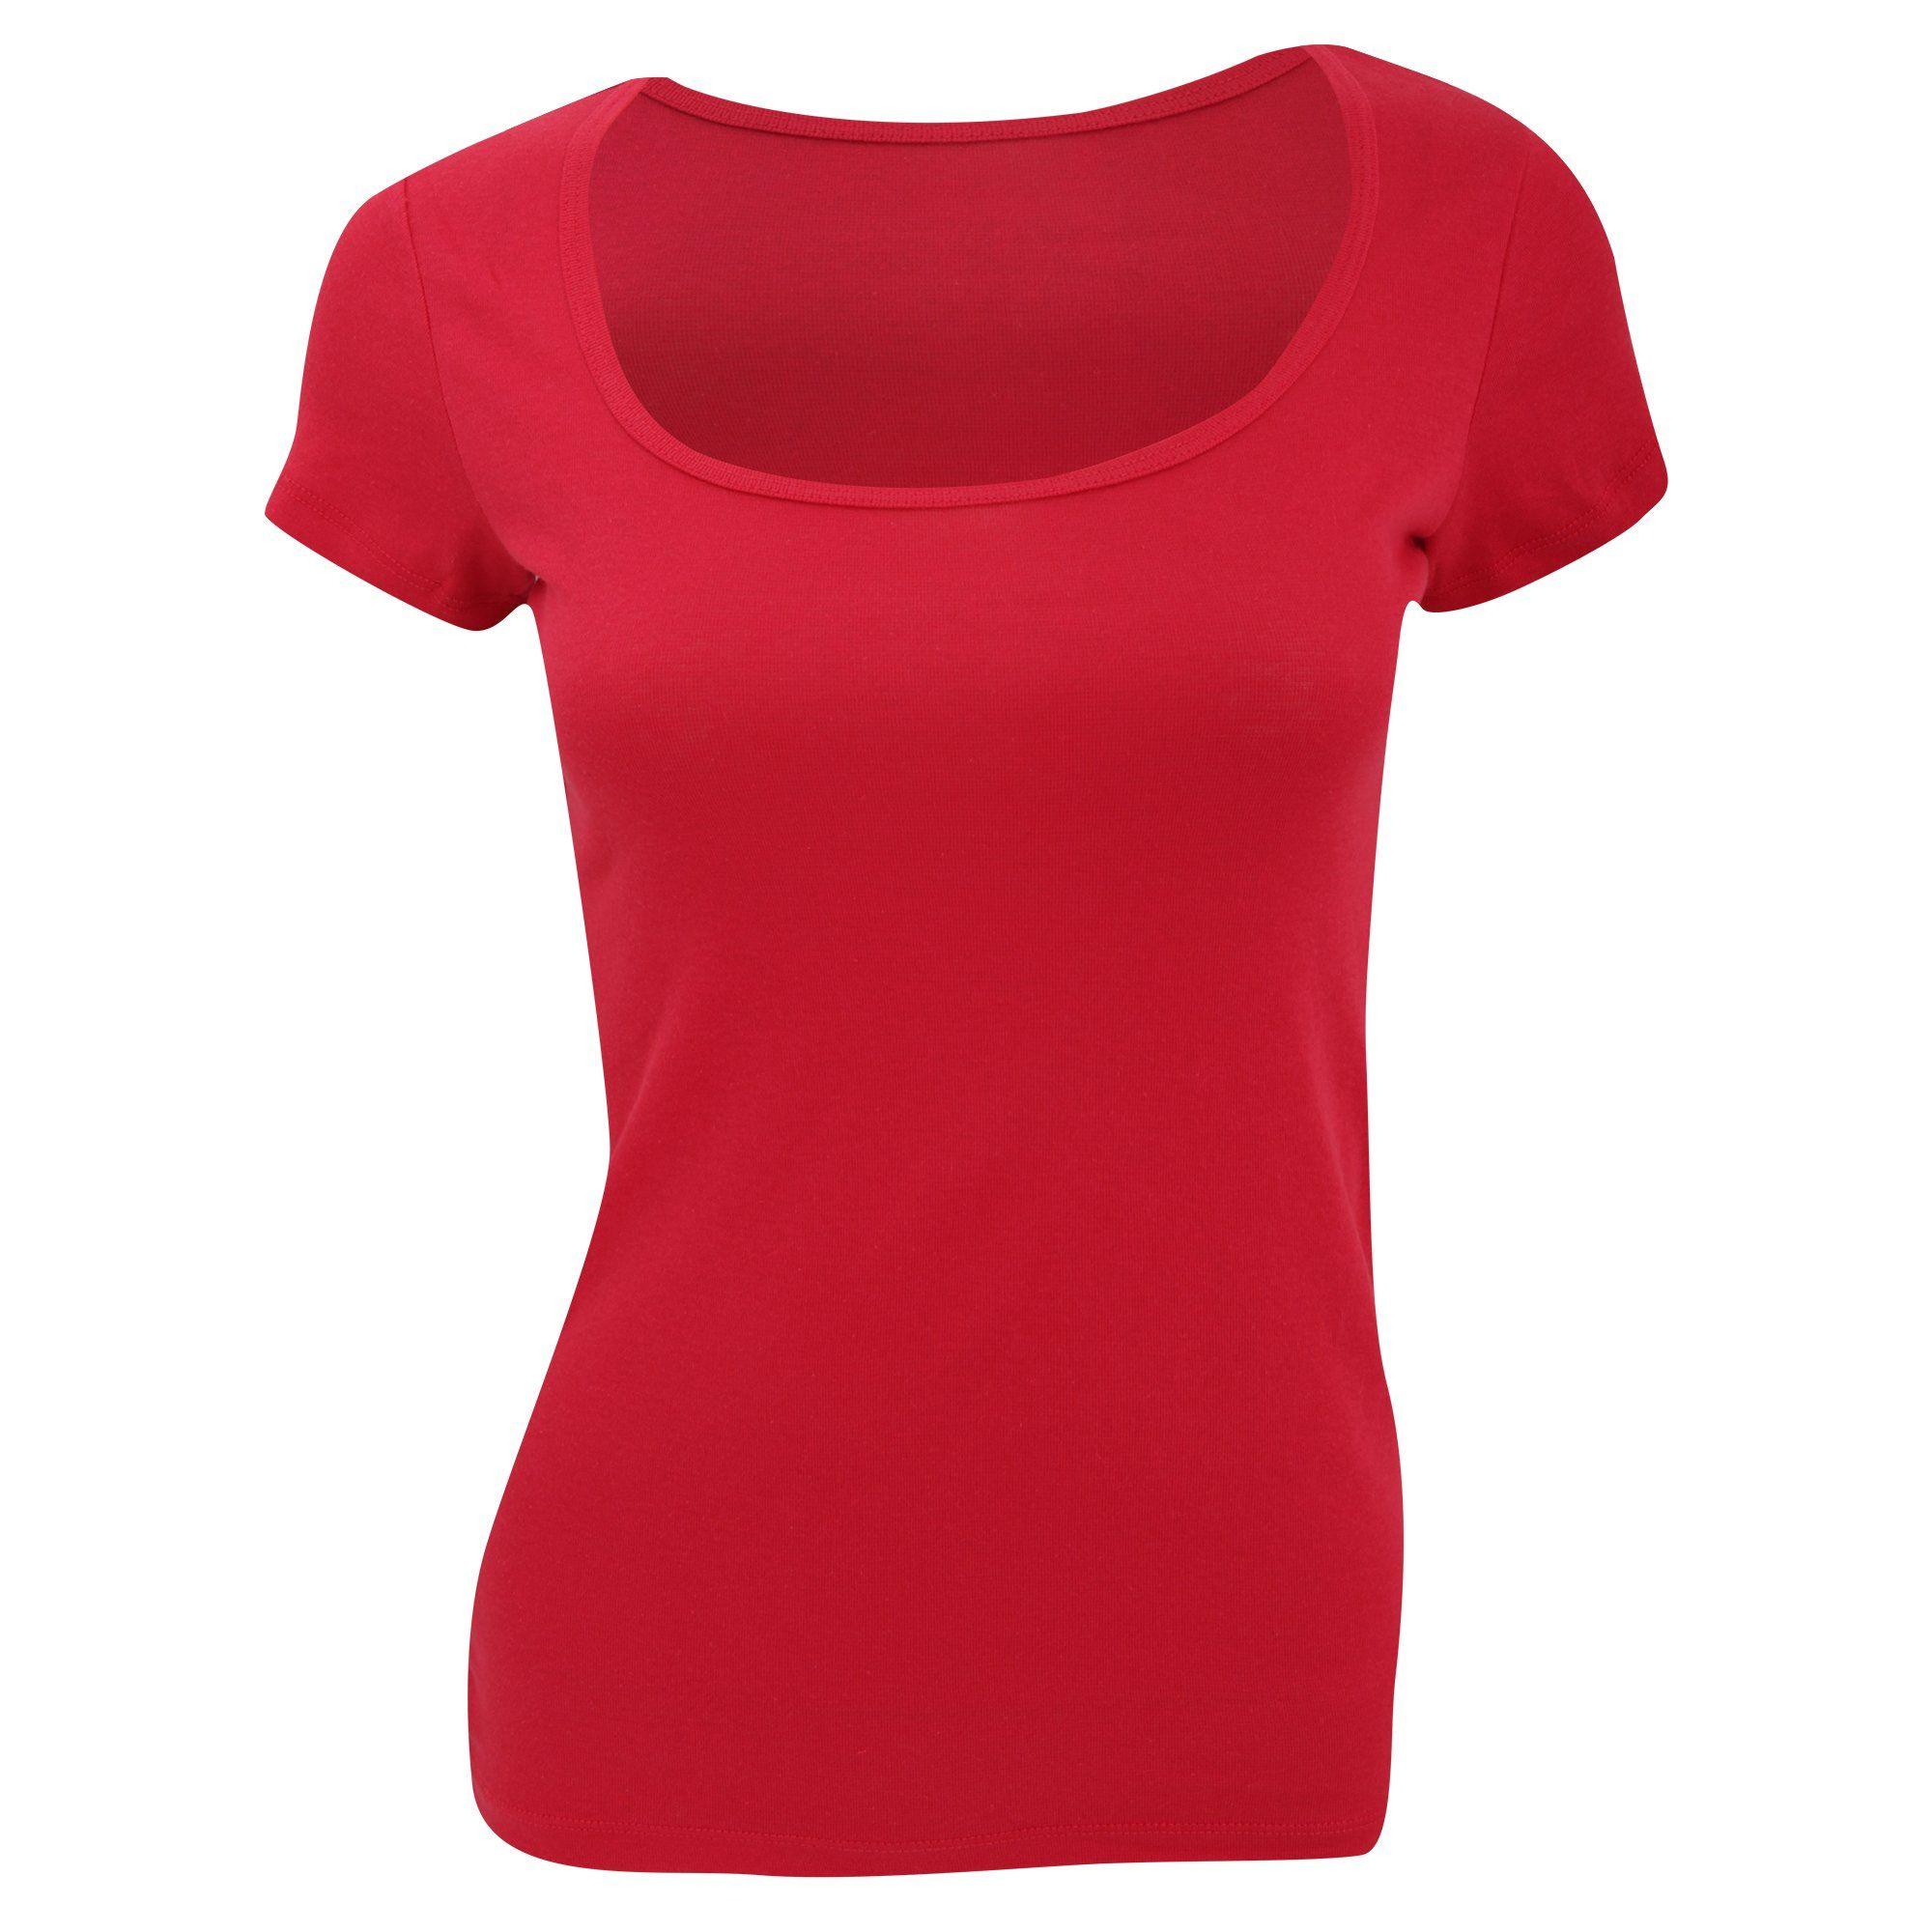 Bella Ladies/Womens Sheer Rib Scoop Neck Short Sleeve T